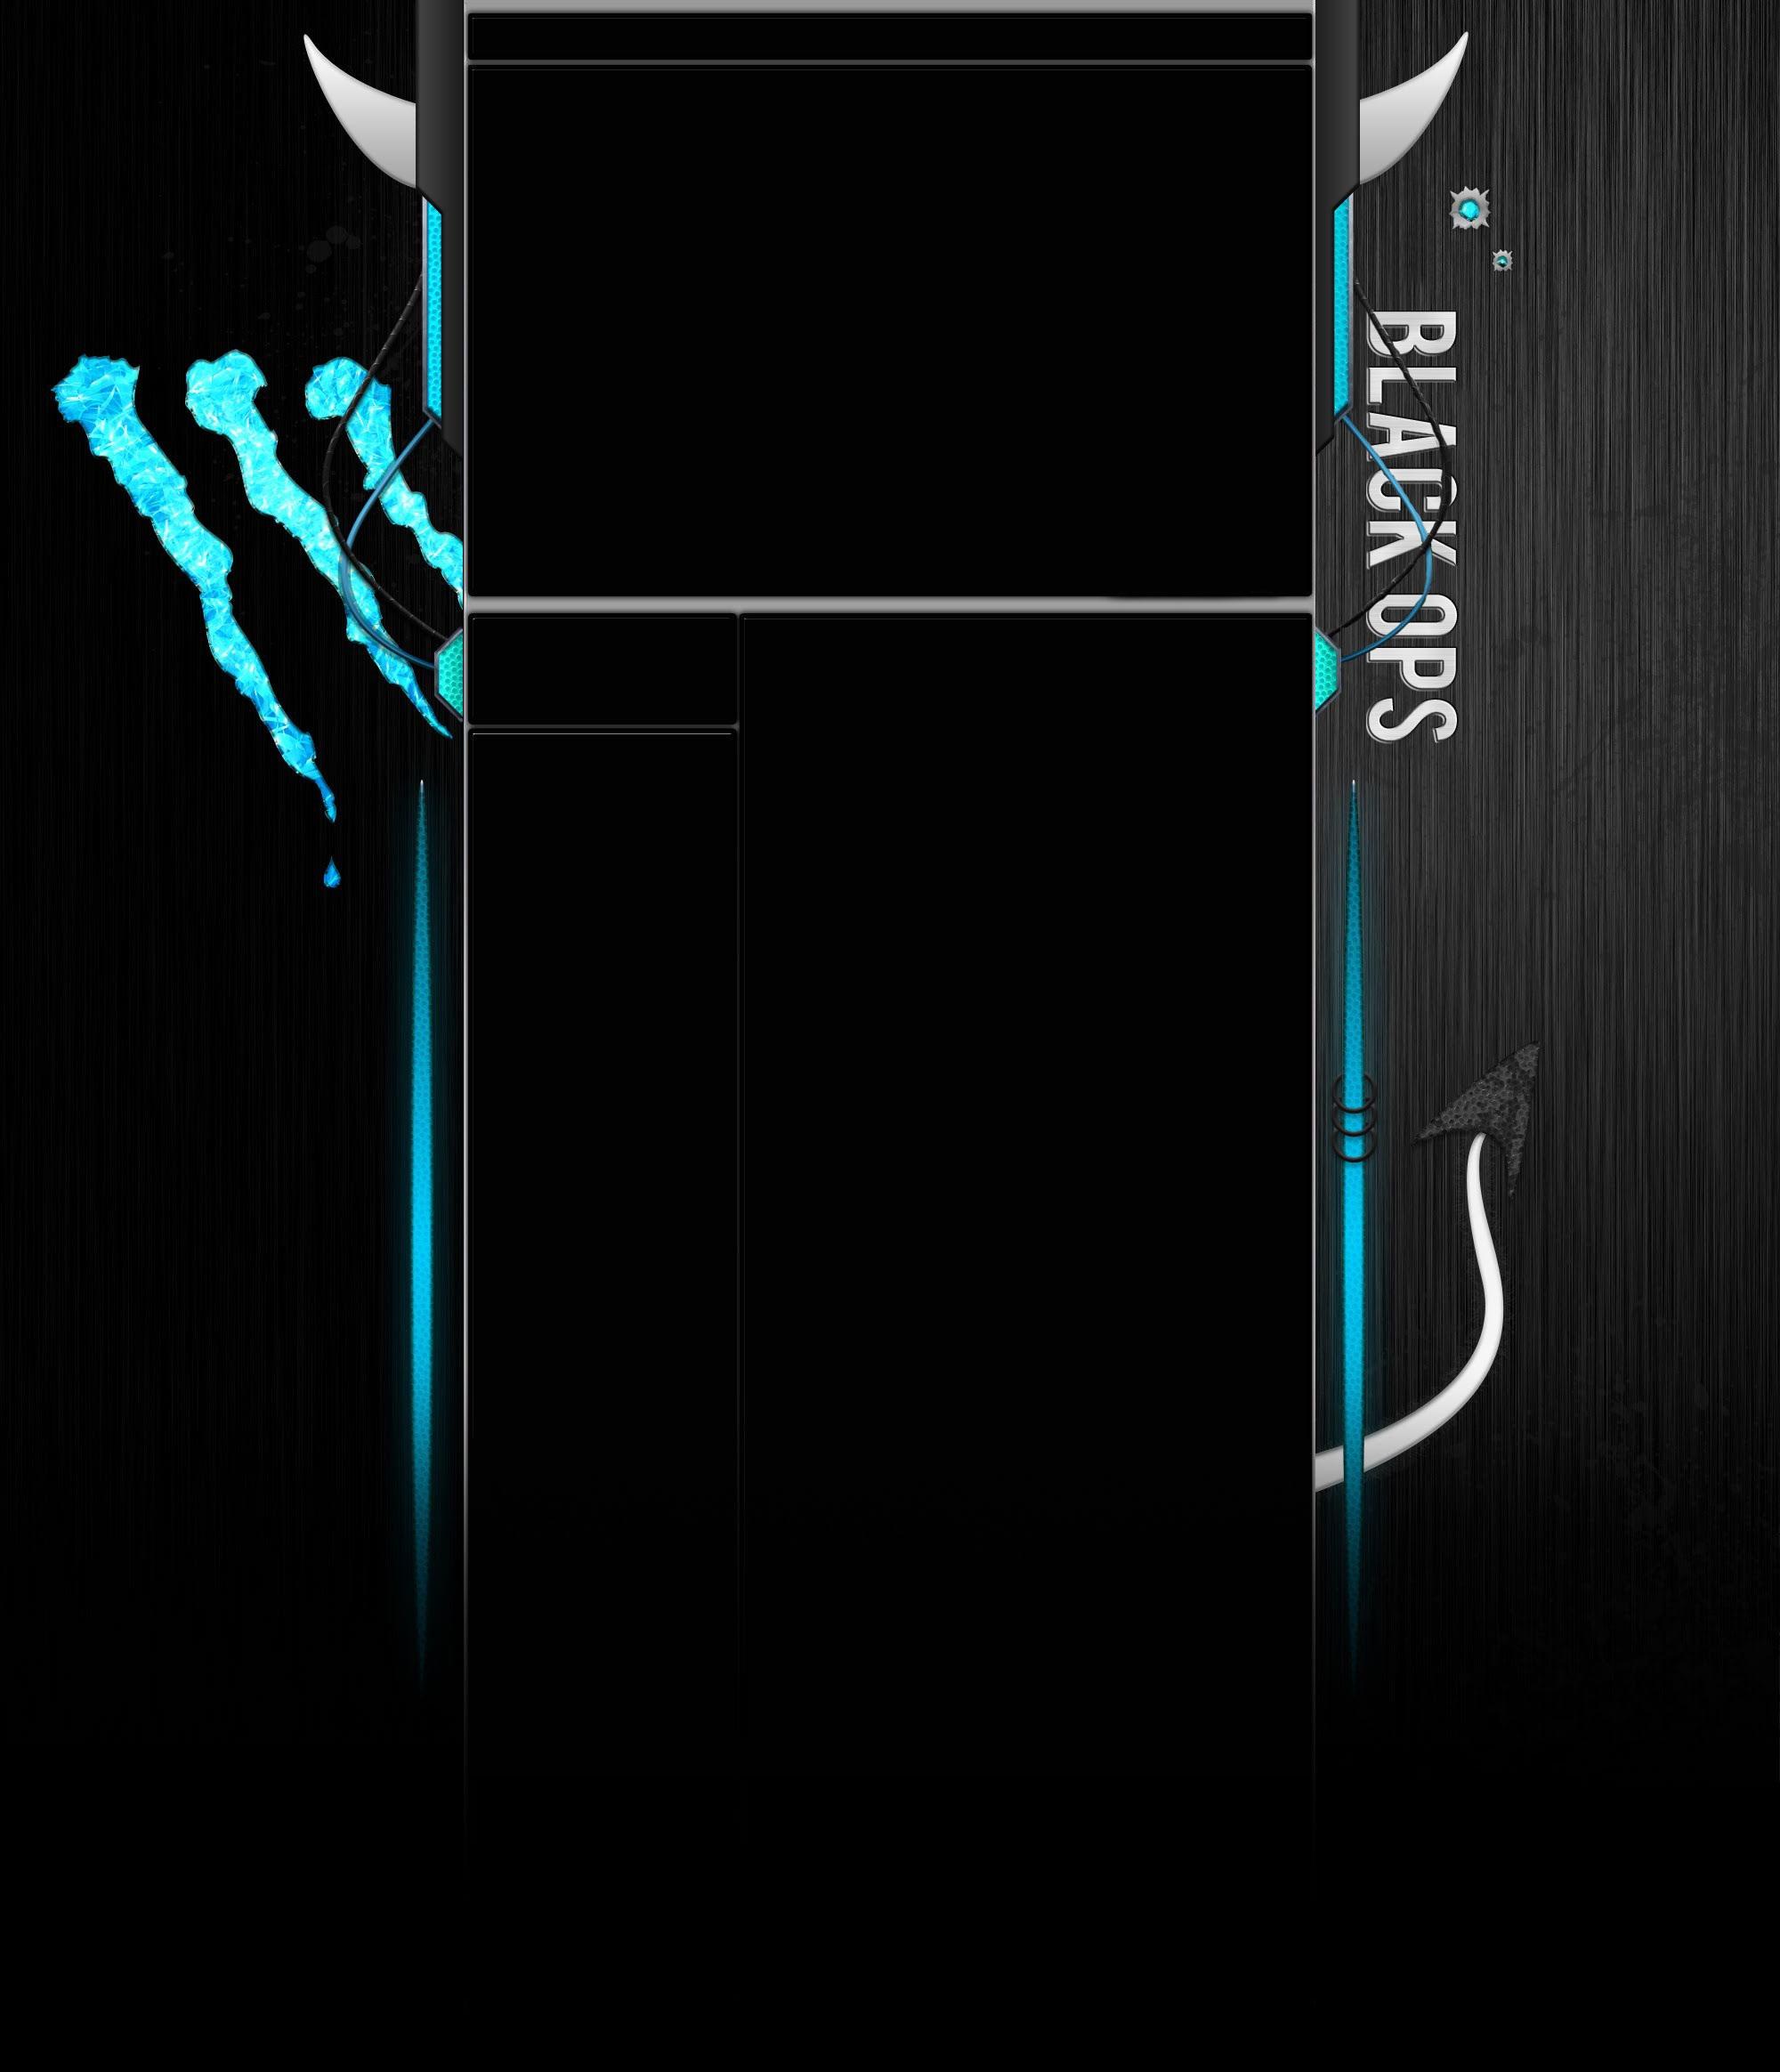 black ops 3 wallpaper iphone wallpapersafari